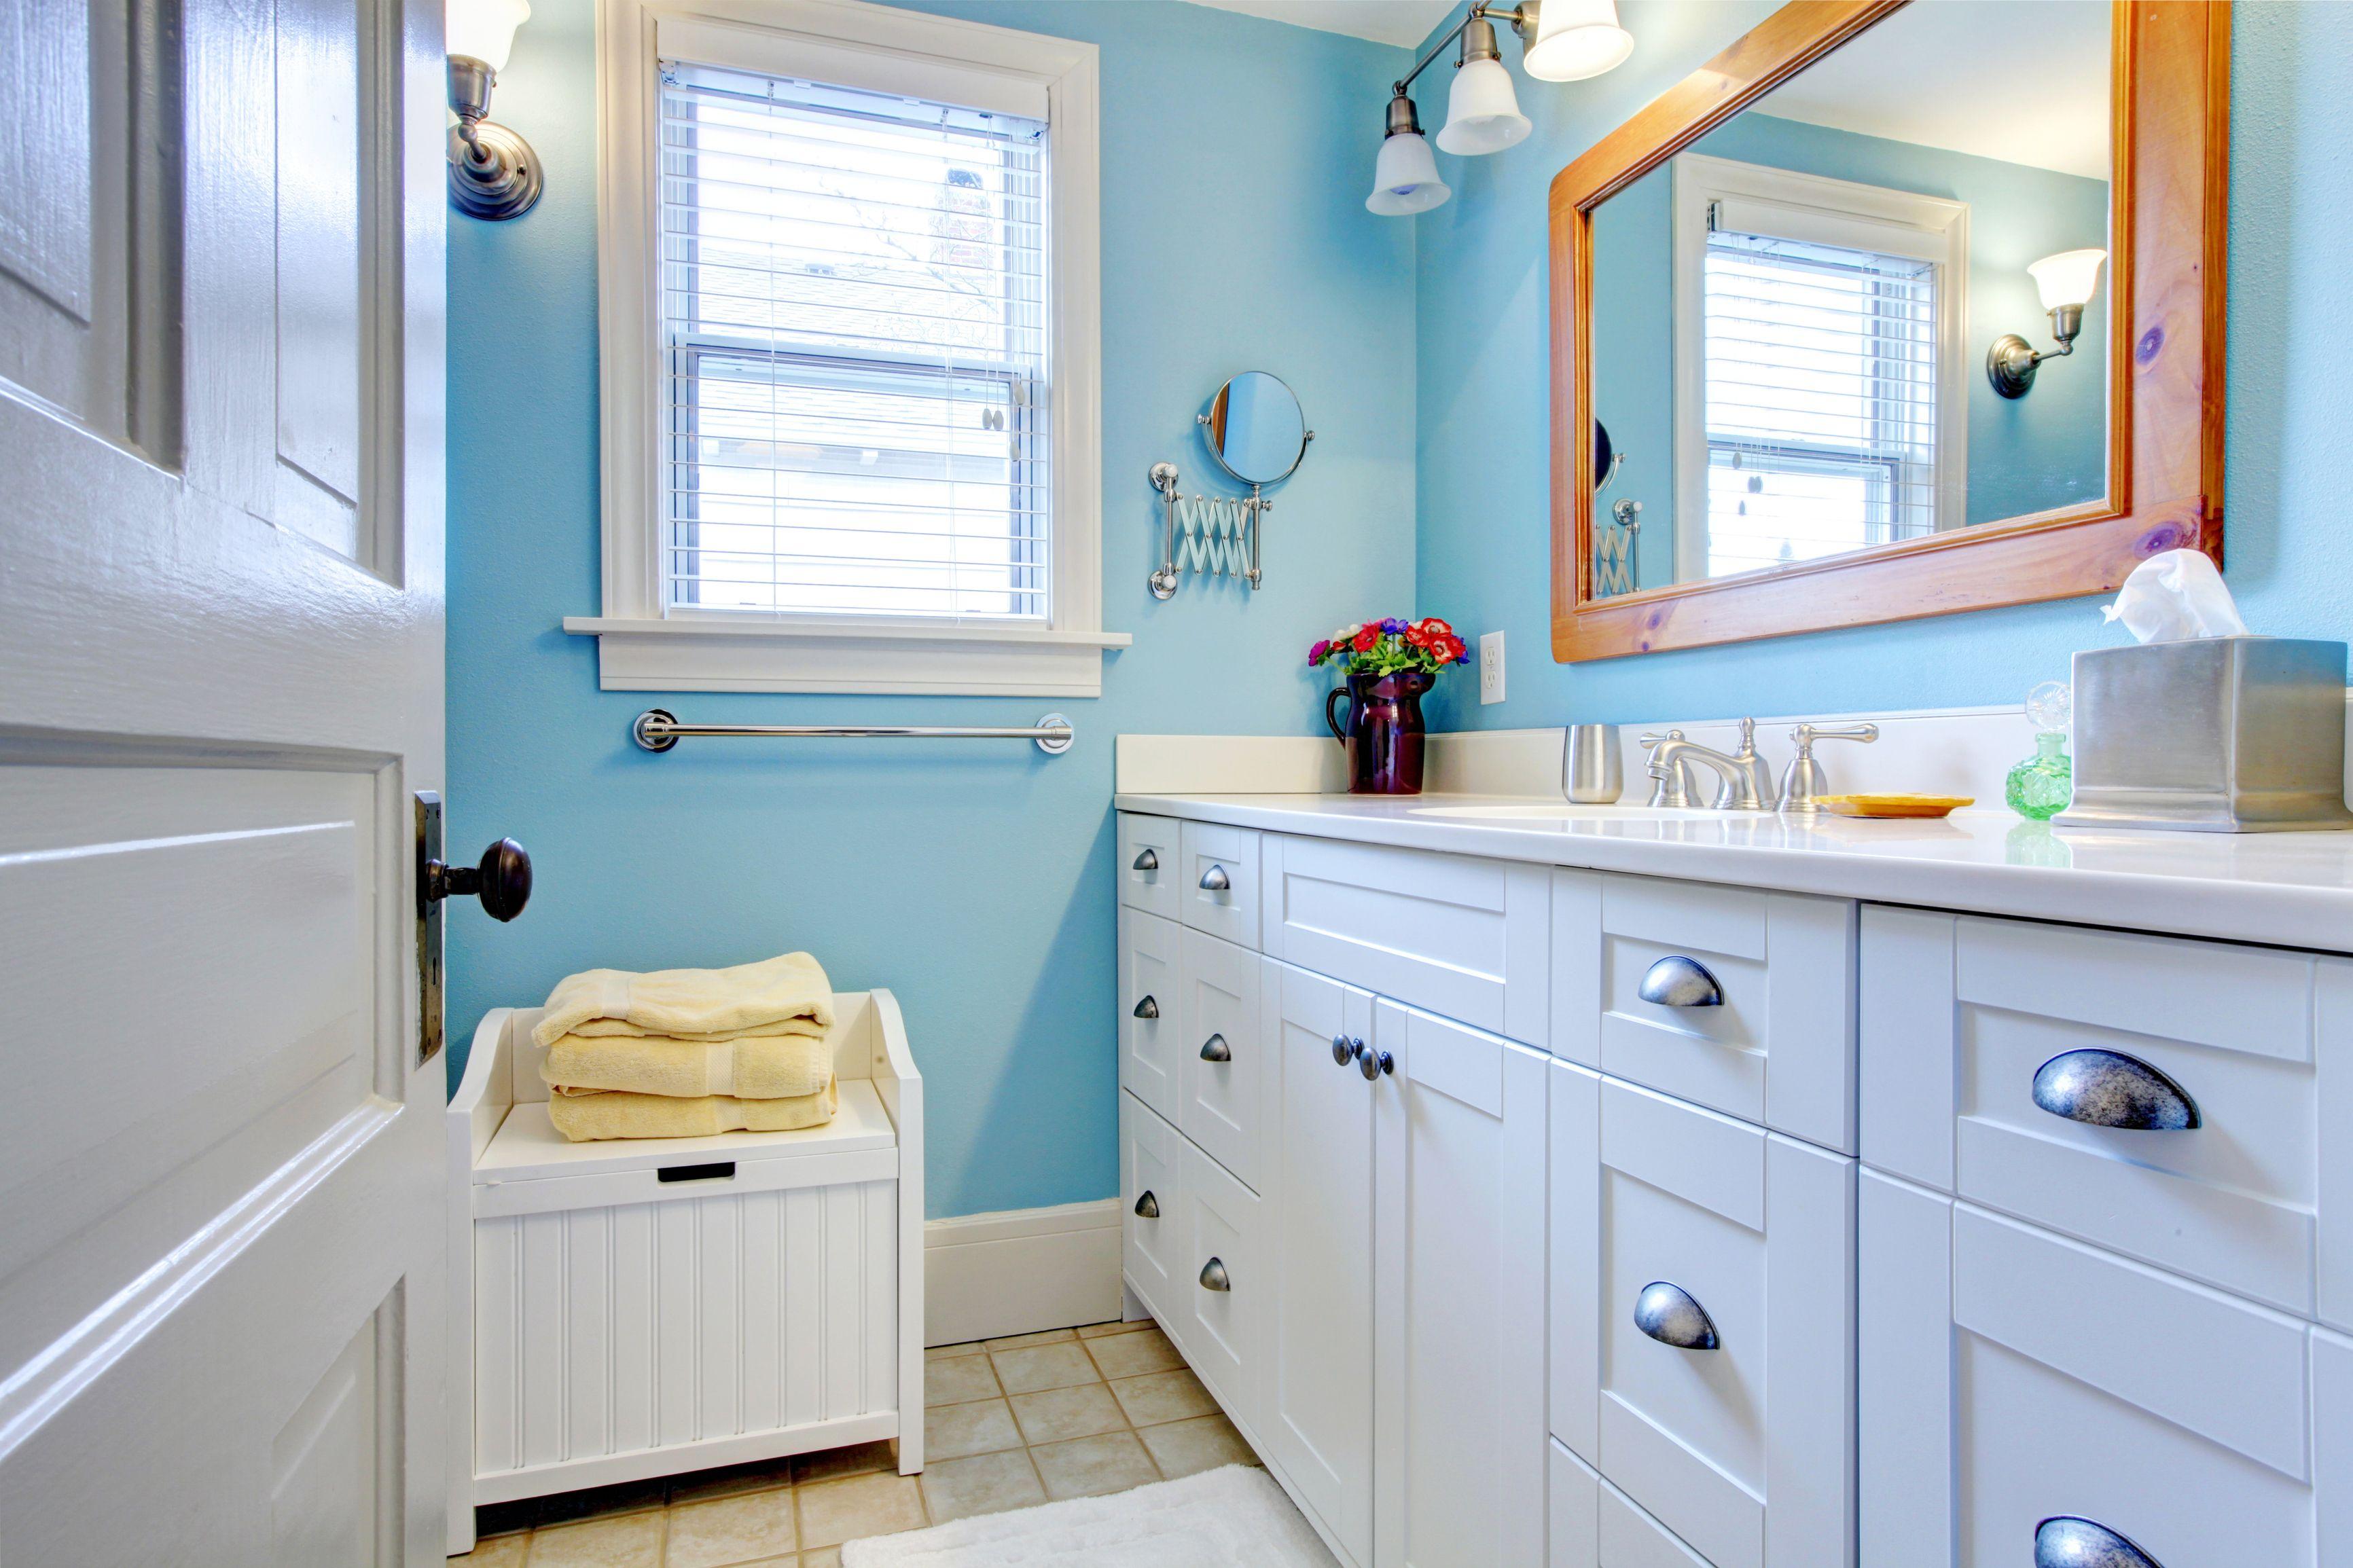 Vasca Da Bagno Vintage Usata : Un idea per decorare il tuo bagno in stile vintage utilizzate